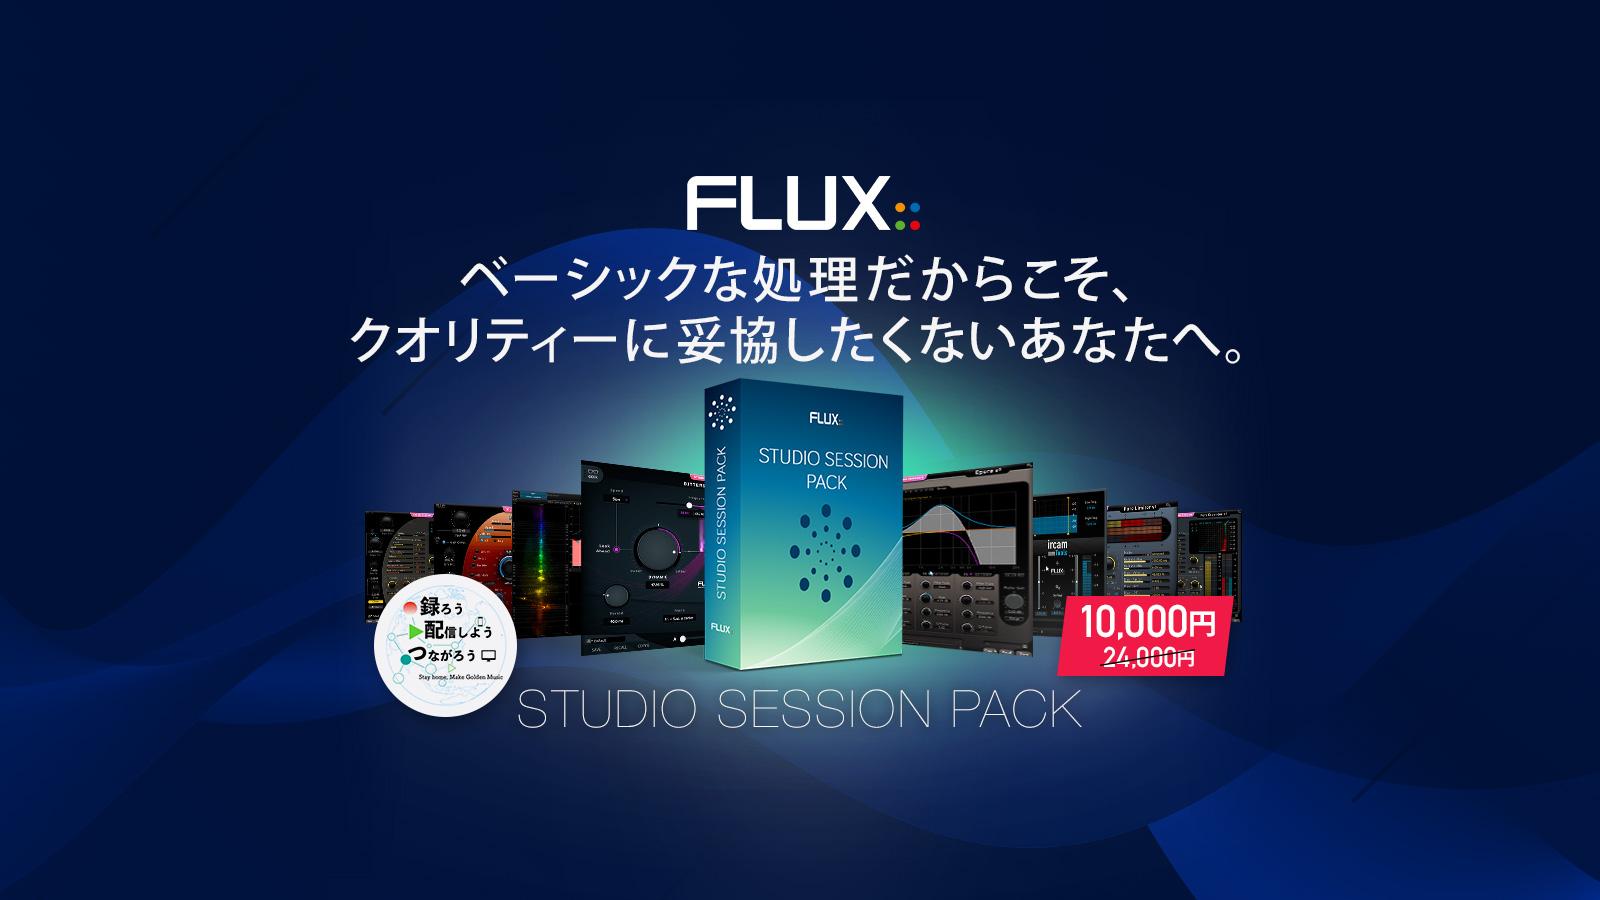 Flux:: Studio Session Pack サマー・プロモーション